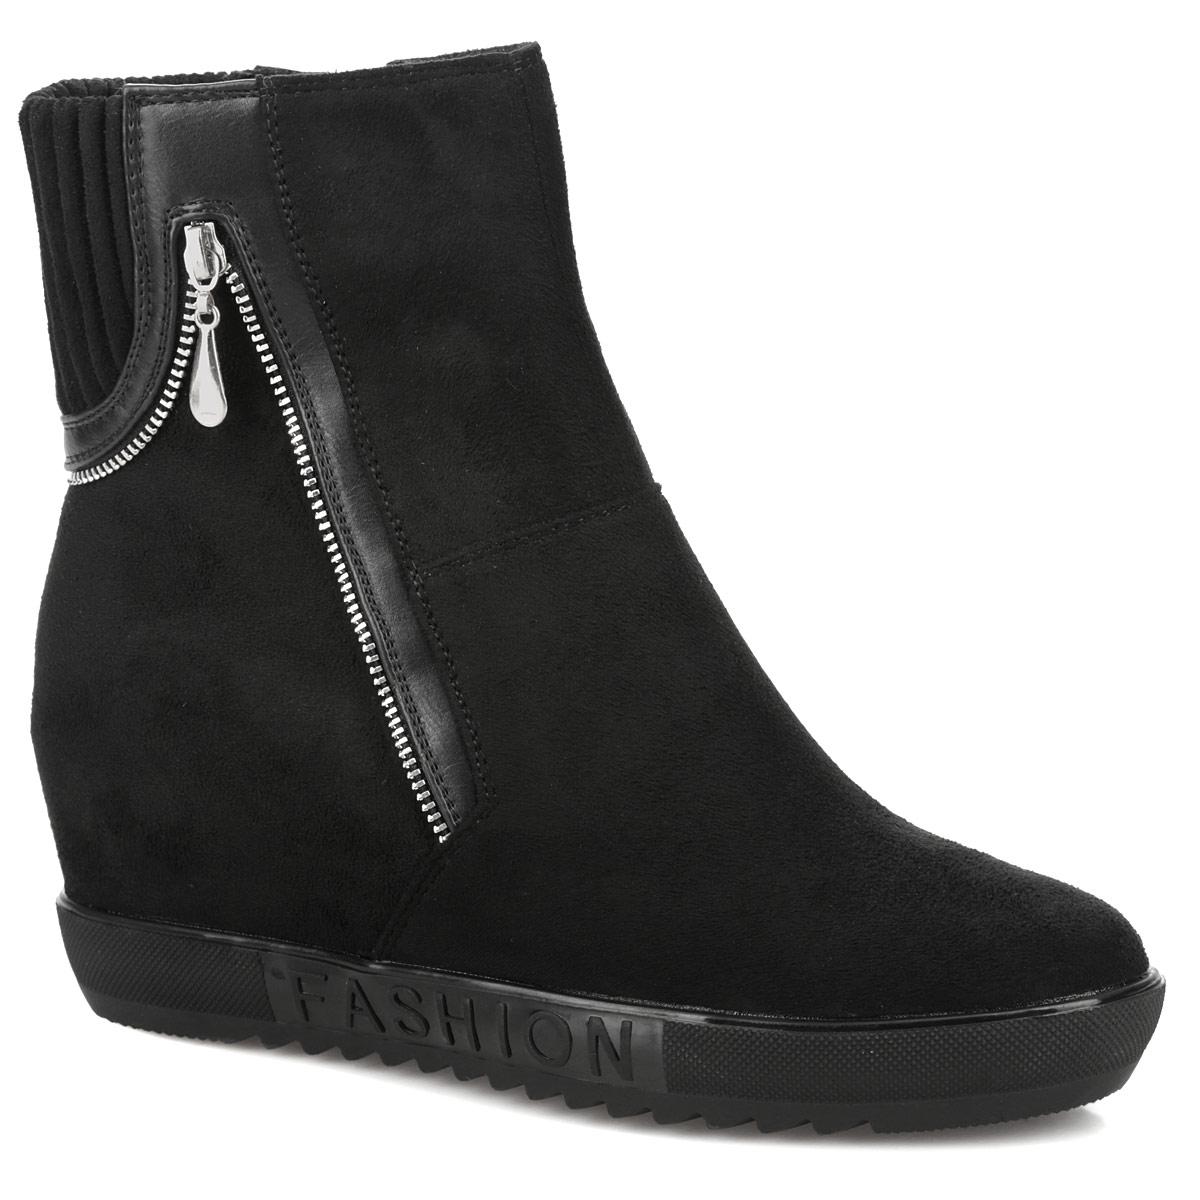 60204-03-1ABУльтрамодные ботильоны от Inario займут достойное место в вашем гардеробе. Модель выполнена из текстиля и оформлена сбоку декоративной молнией, на подошве - надписью Fashion. Ботильоны застегиваются на боковую застежку-молнию. Резинка, расположенная на задней поверхности изделия, гарантирует оптимальную посадку обуви на ноге. Мягкая подкладка и стелька из байки сохраняют тепло, обеспечивая максимальный комфорт при движении. Умеренной высоты скрытая танкетка компенсирована платформой. Подошва с протектором гарантирует идеальное сцепление с любой поверхностью. В таких стильных ботильонах вашим ногам будет комфортно и уютно!